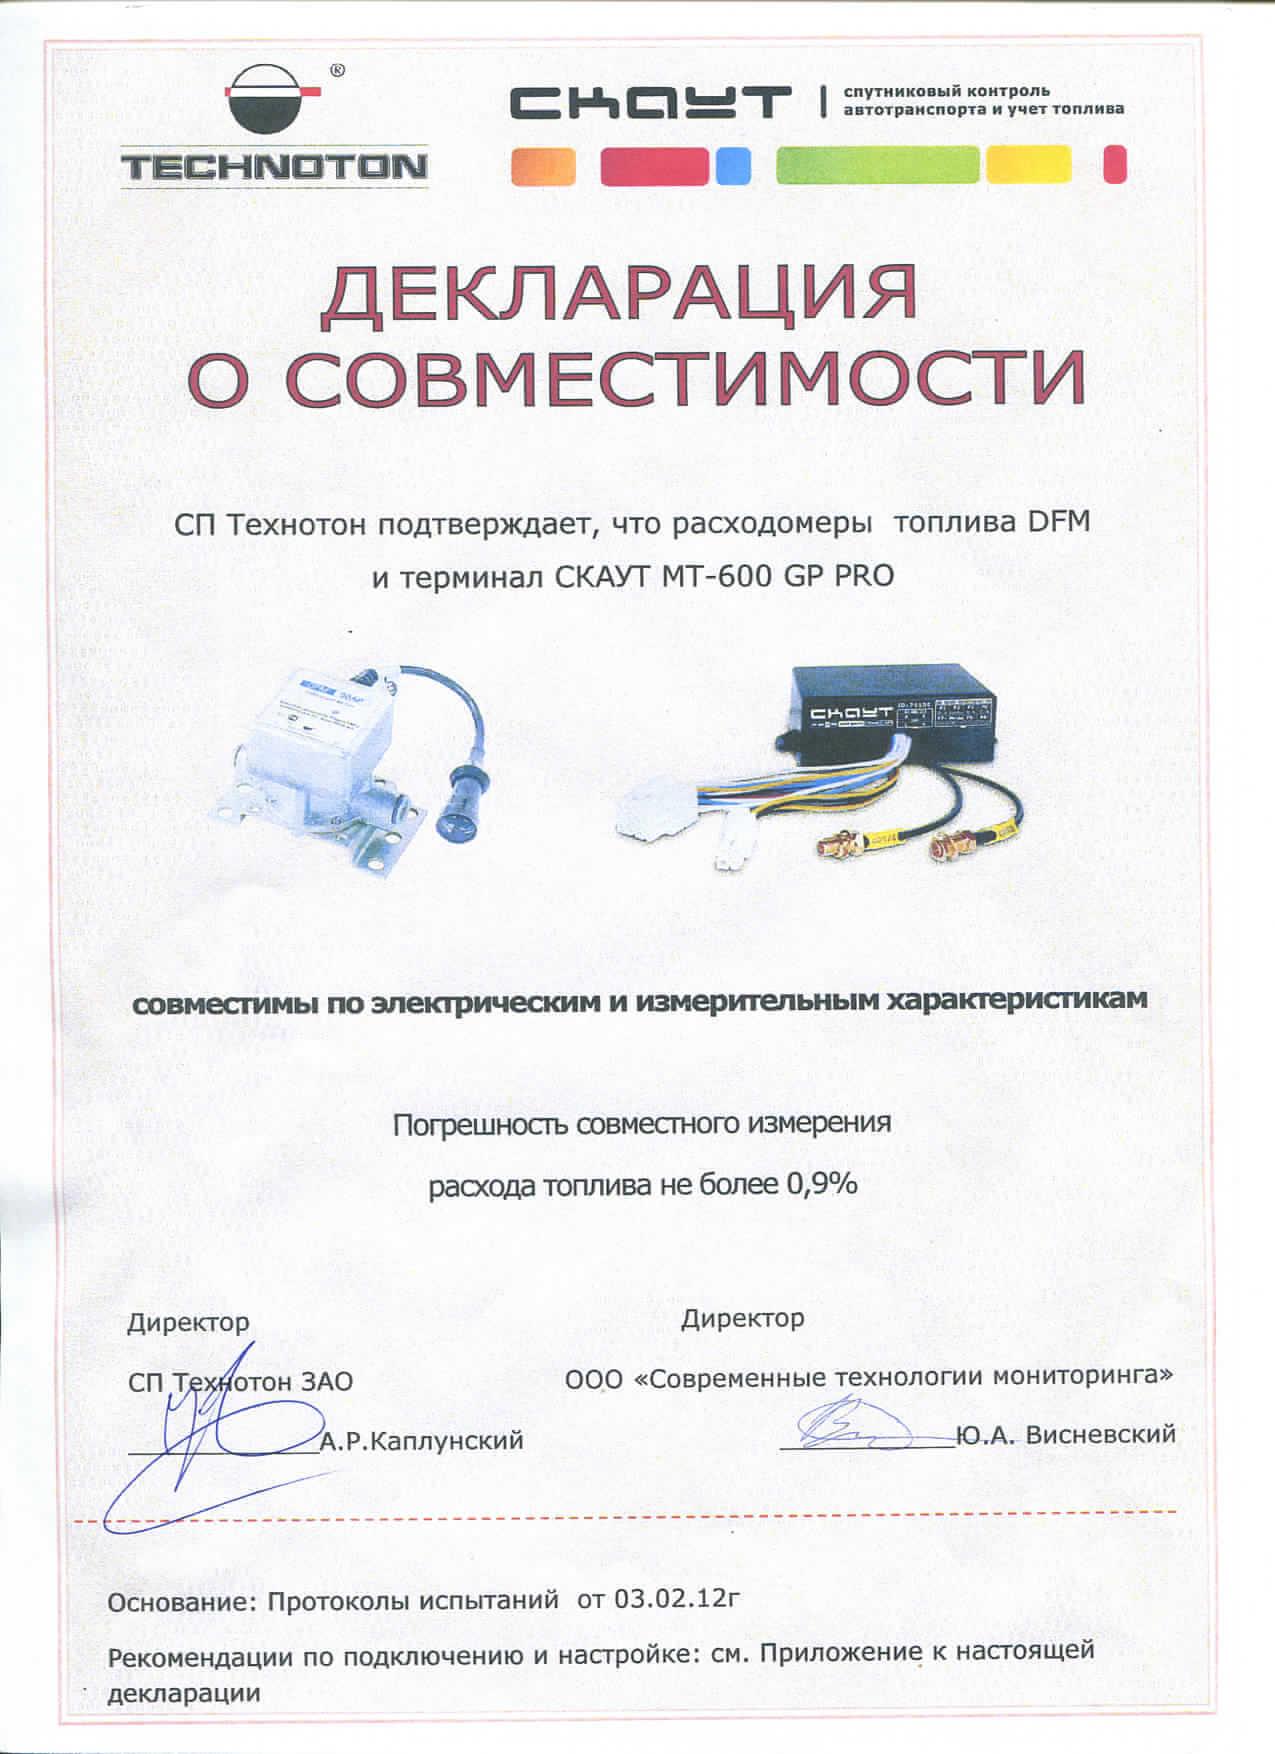 DFM AP совместим с SCAUT MT-600 GP PRO